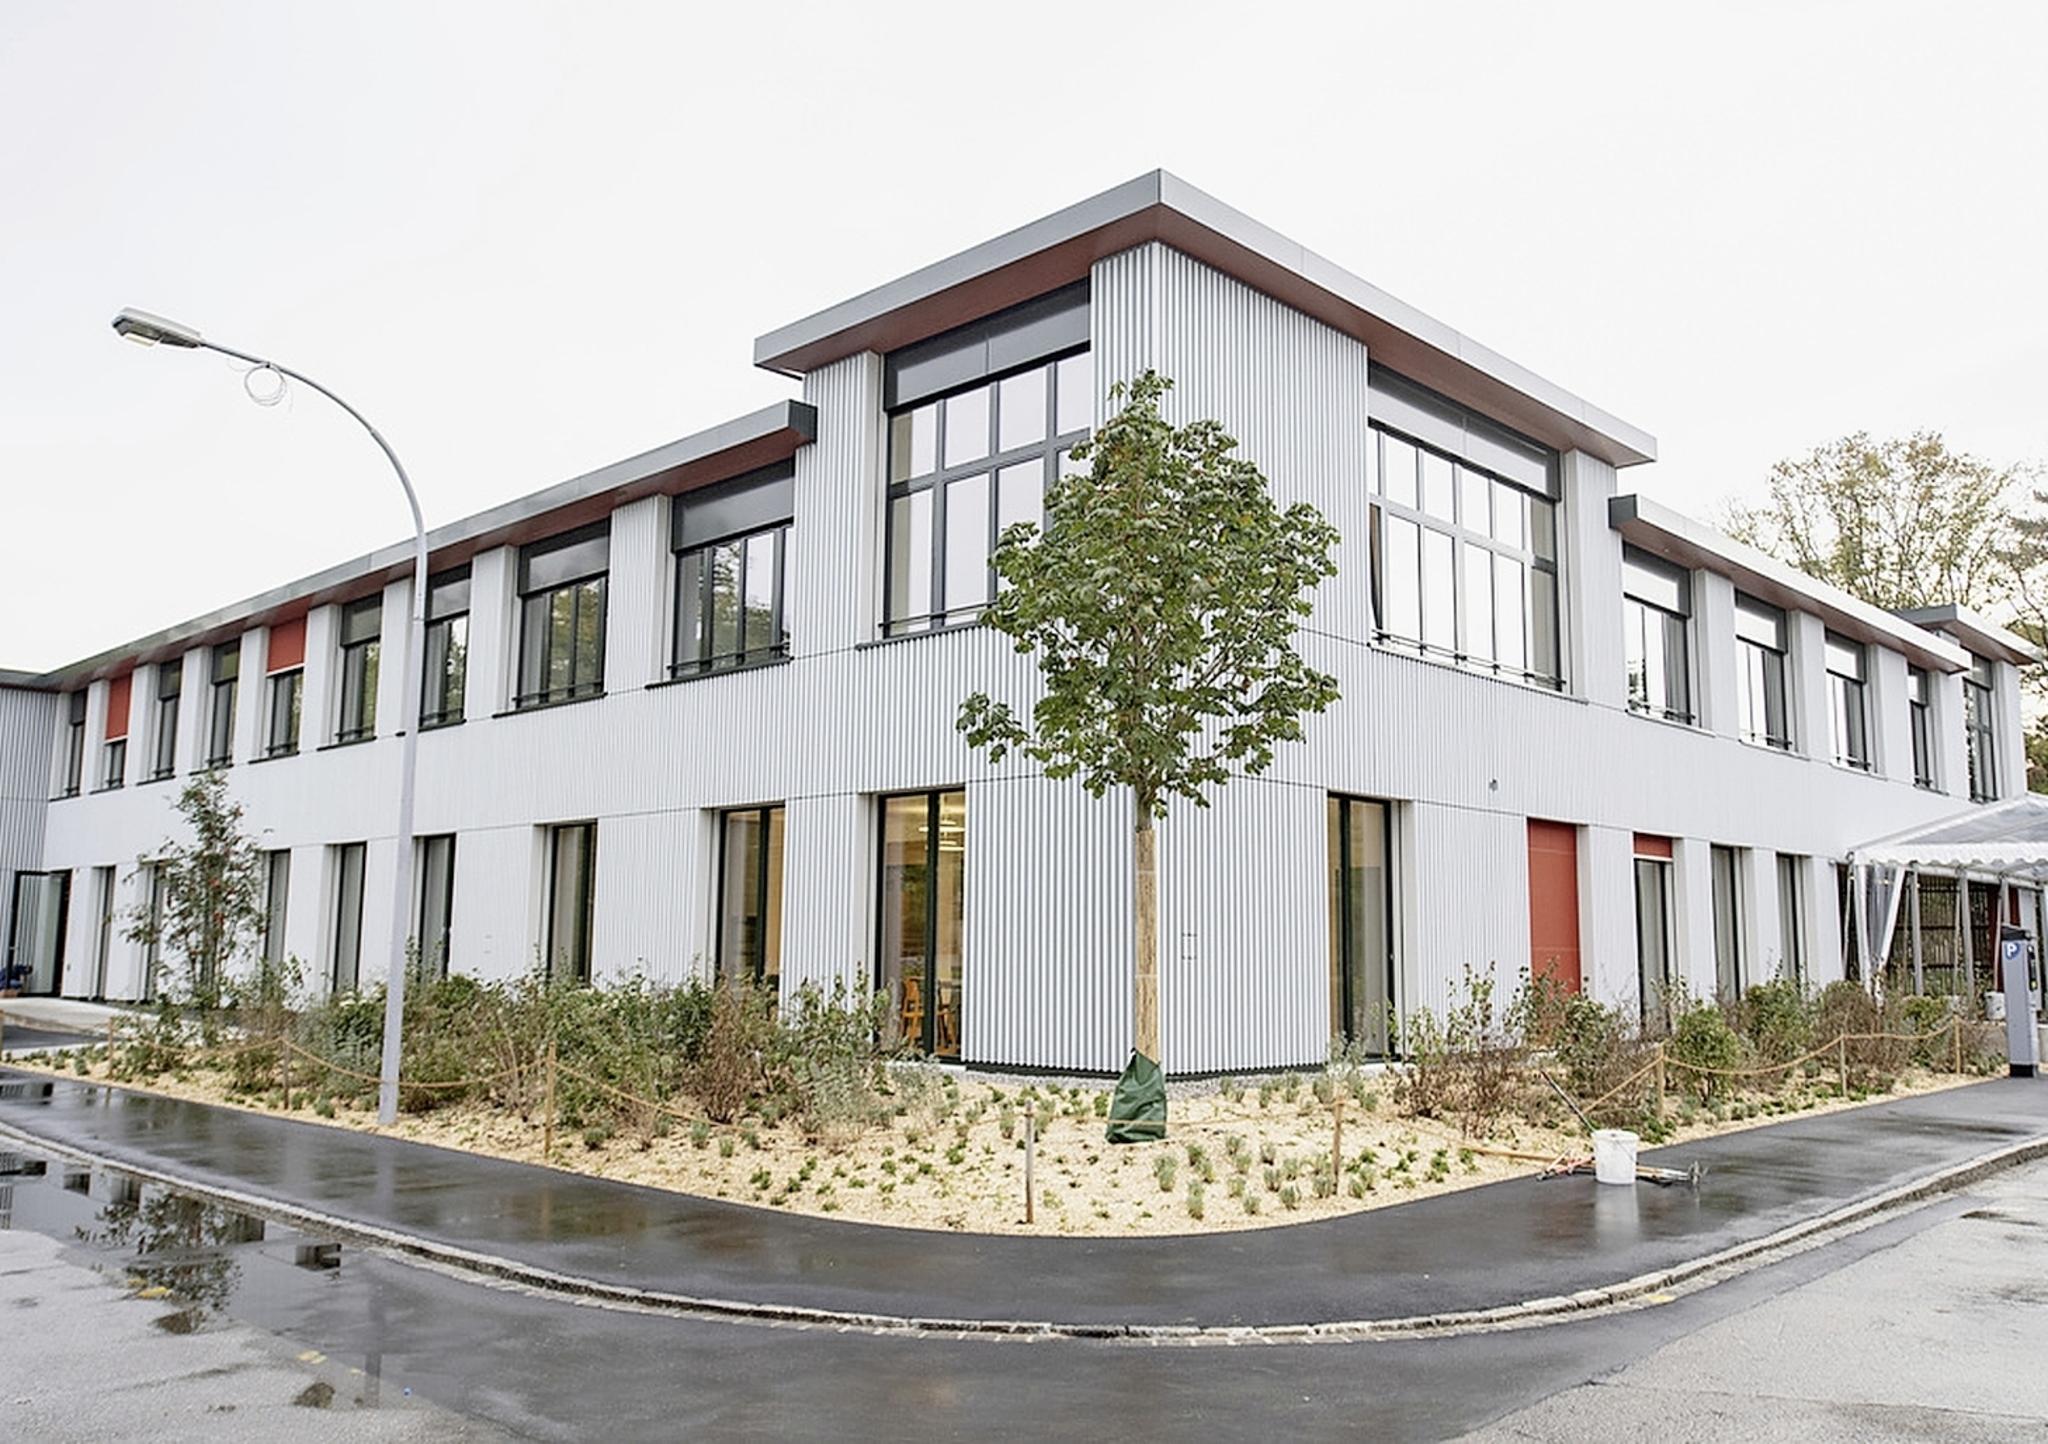 Aussenansicht des Neubaus der UPK Klinik fuer Kinder und Jugendliche an den Universitaeren Psychiatrischen Kliniken Basel, am Freitag, 27. September 2019, in Basel. (KEYSTONE/Urs Flueeler)